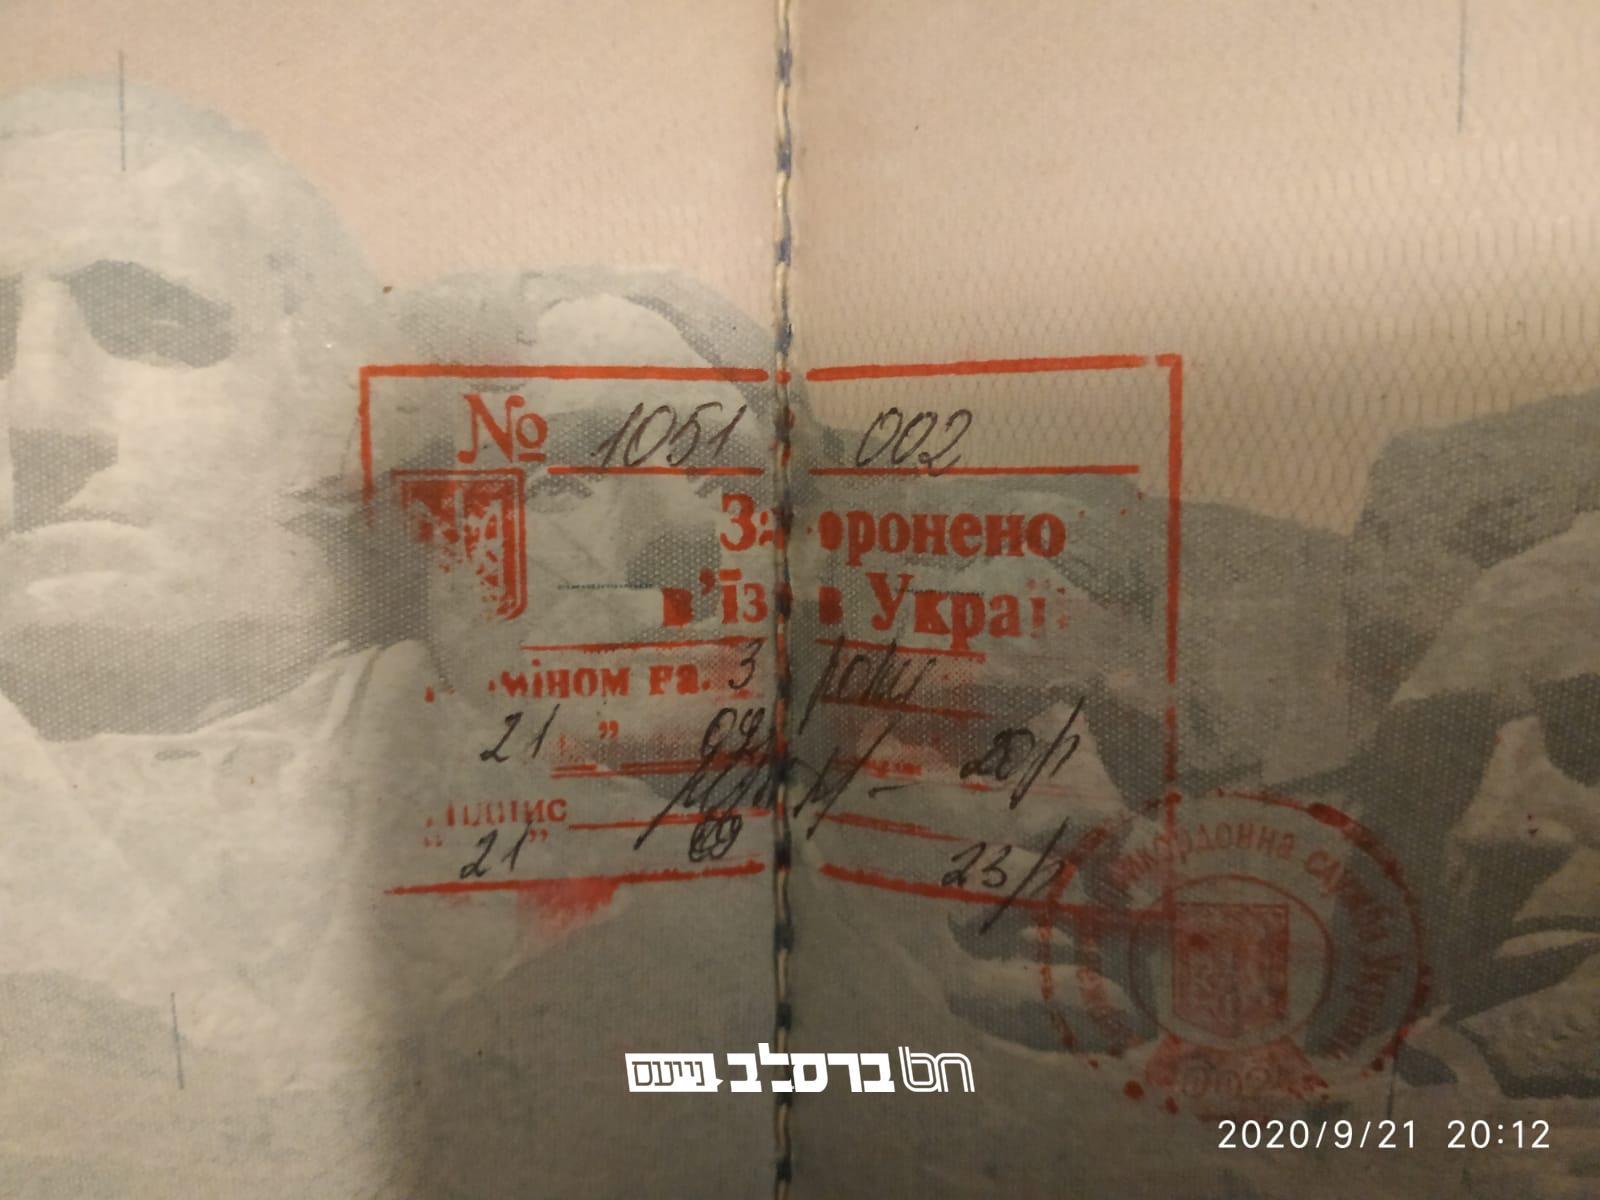 דיווח מהשטח • למרות ההודעות המרגיעות: גזירת גירוש ואיסור כניסה ל5 שנים לאוקראינה לנכנסים ללא החתמת הדרכון